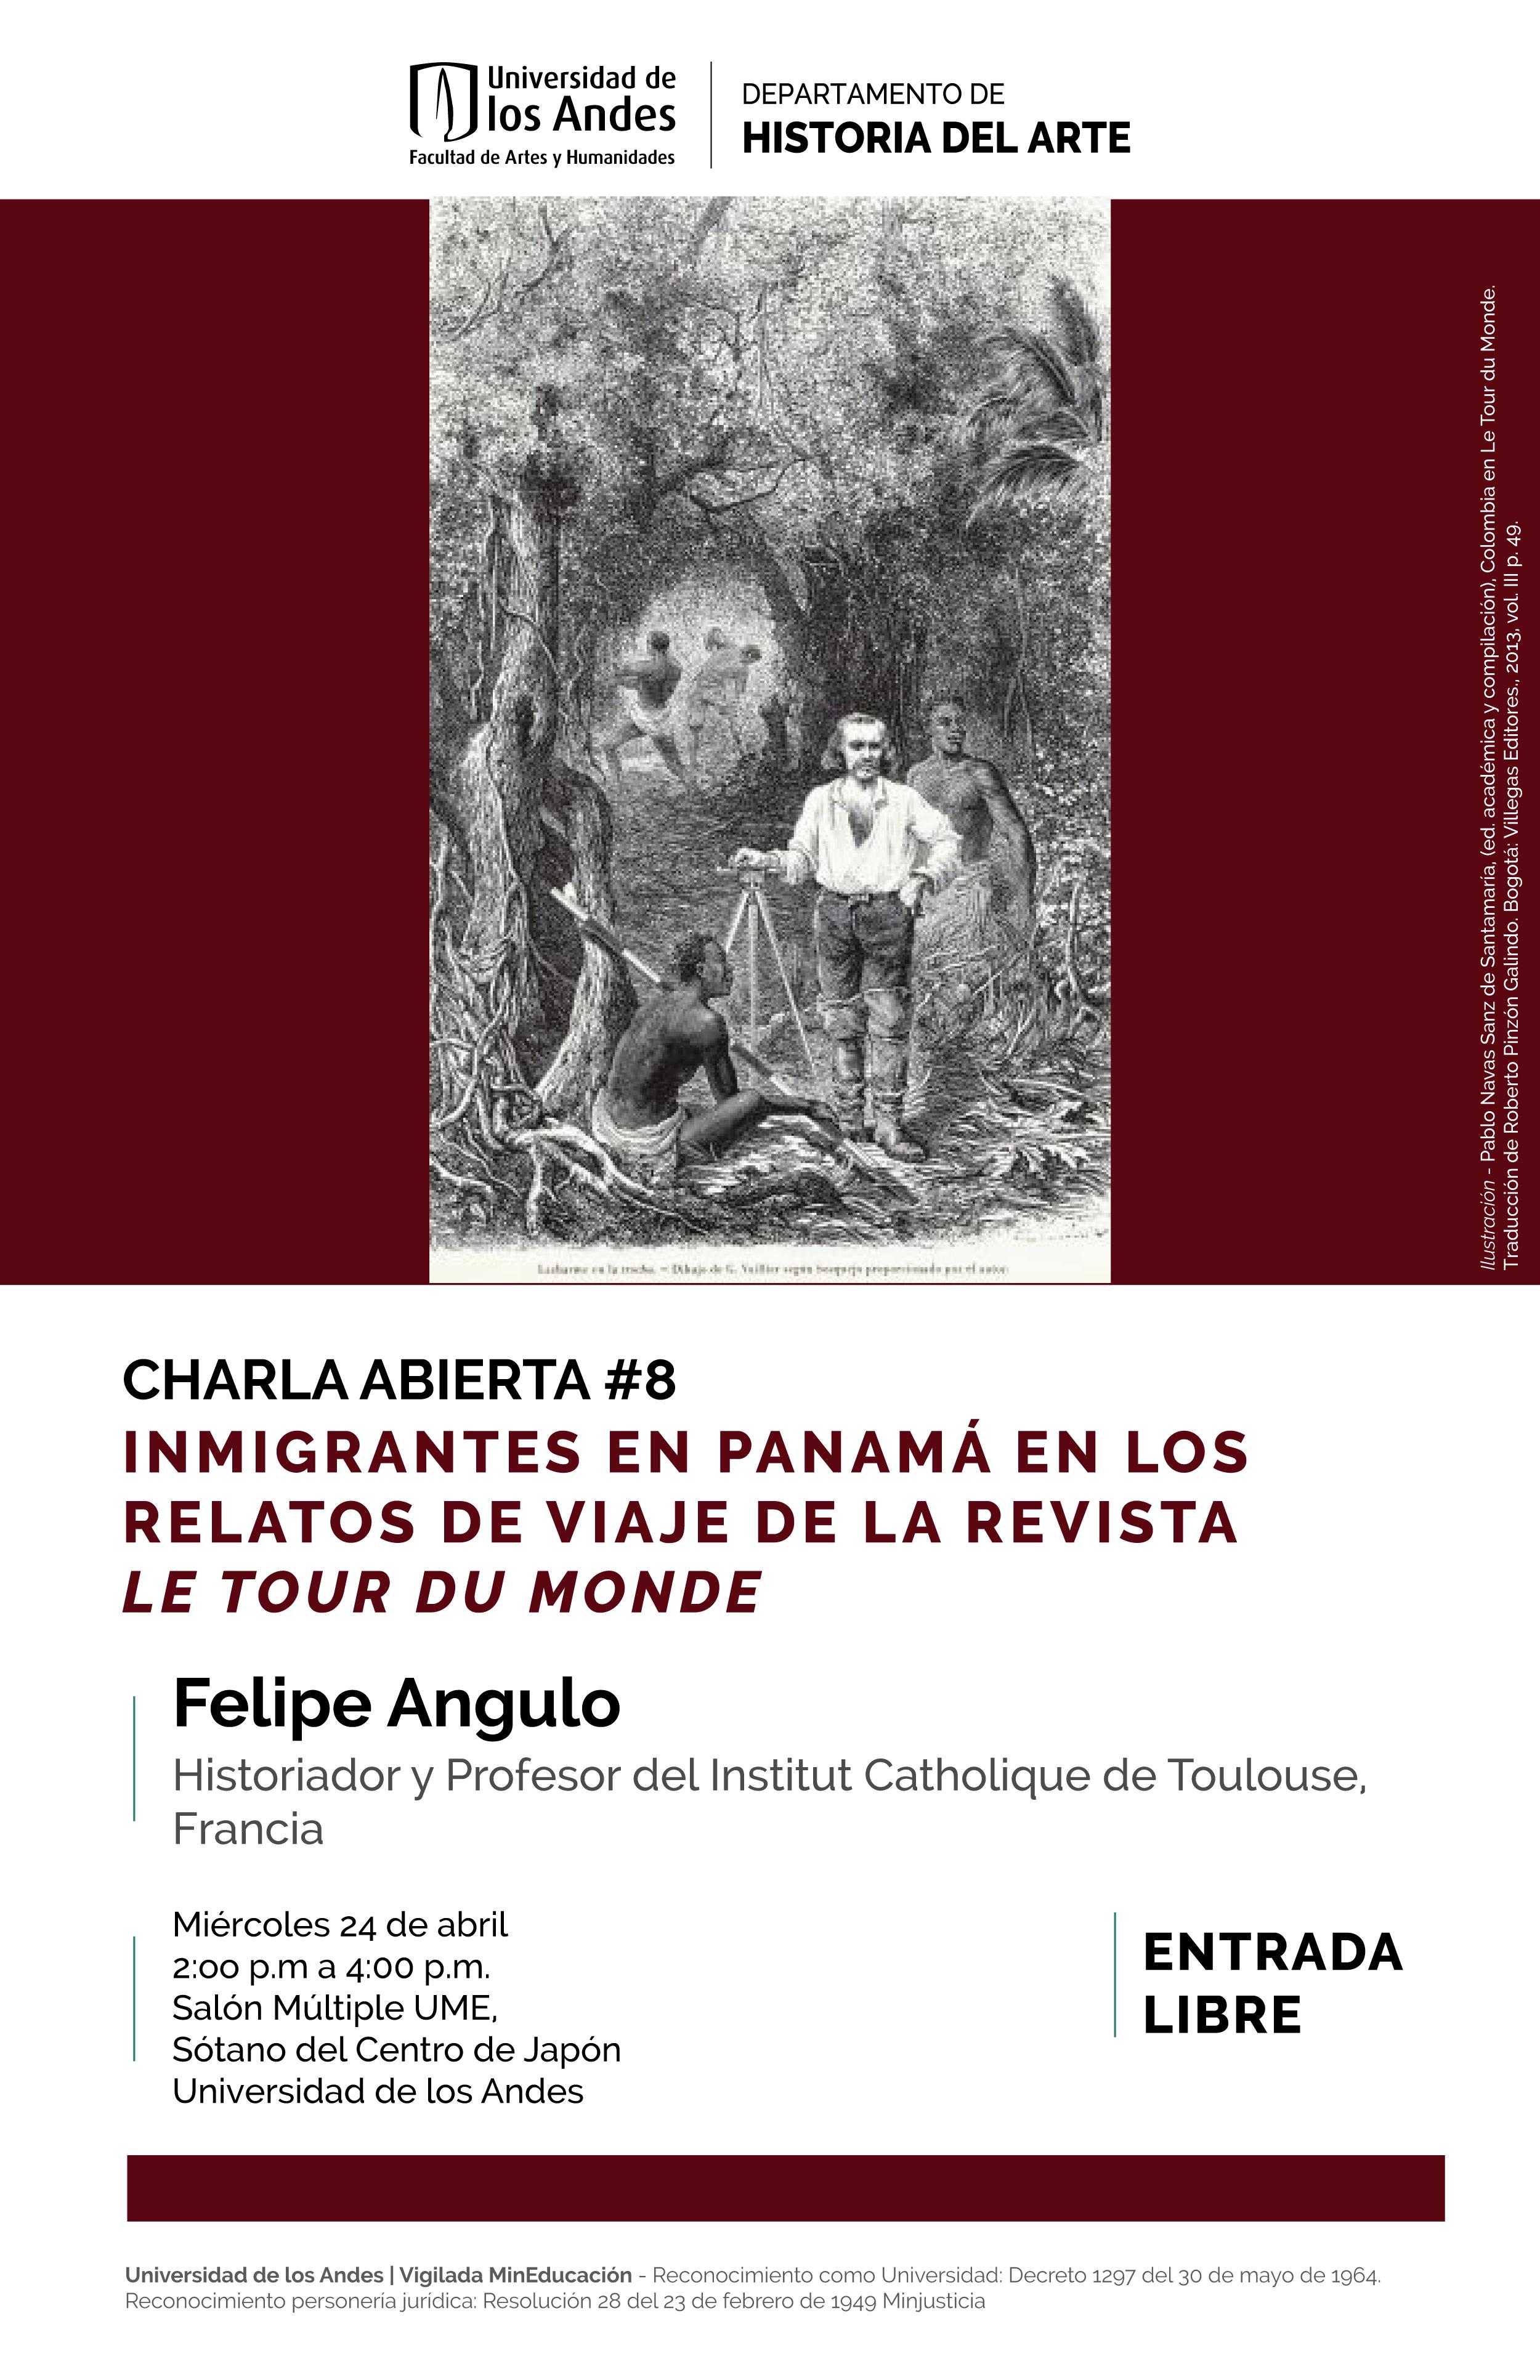 Inmigrantes en Panamá en los relatos de viaje de la revista Le Tour du Monde